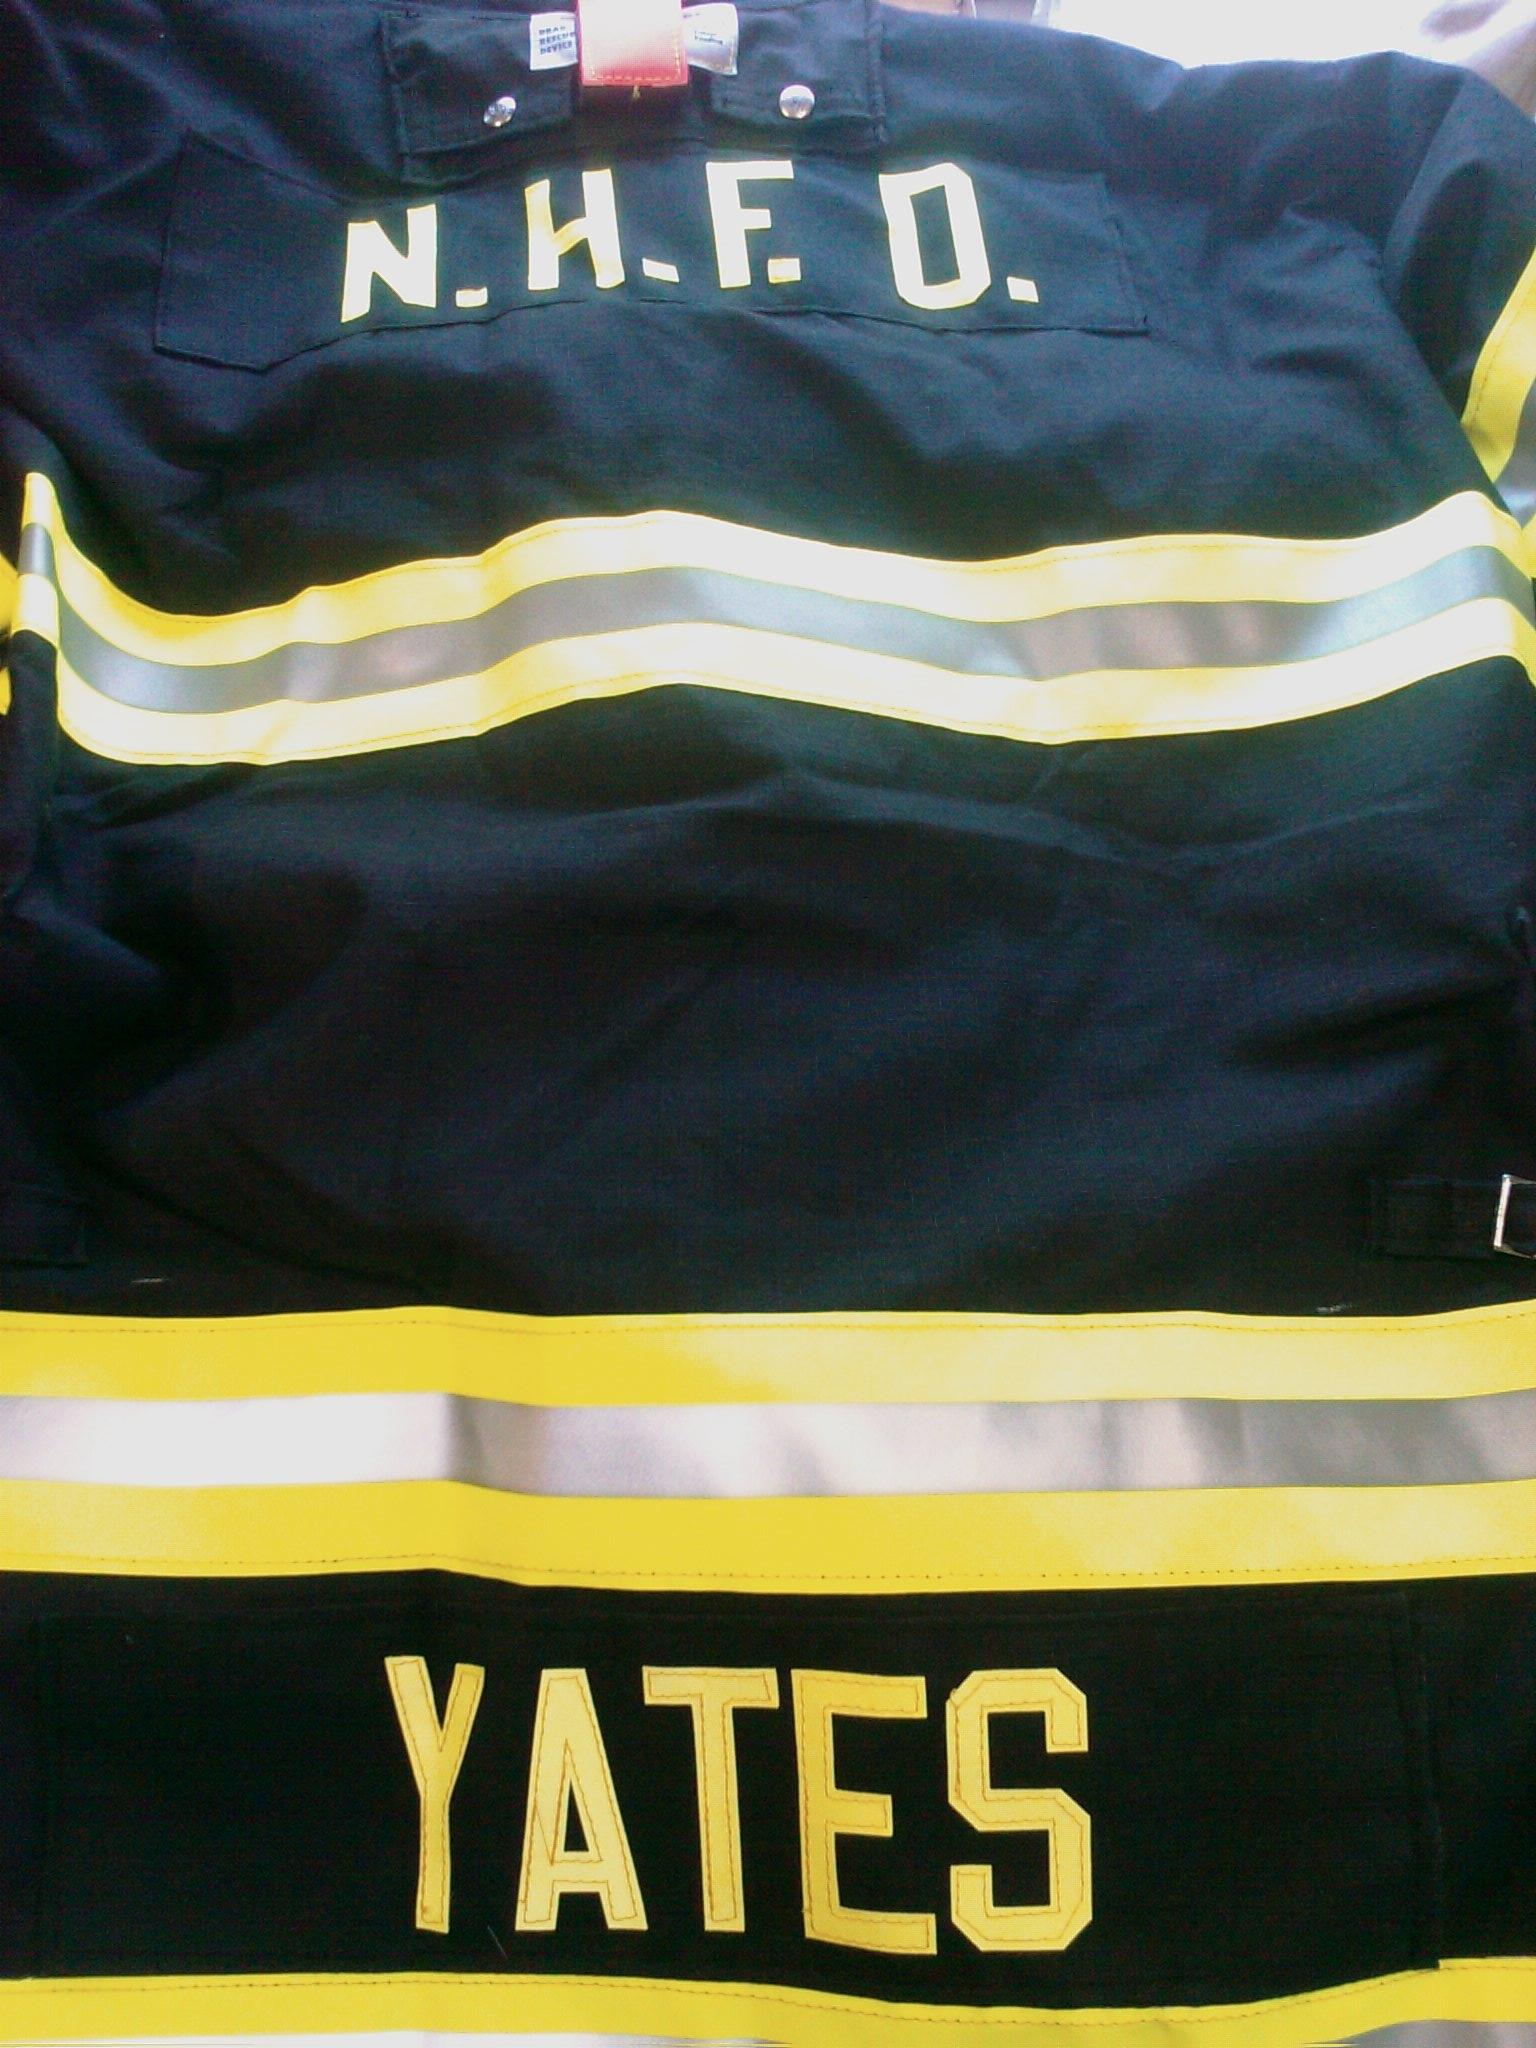 Rob Yates